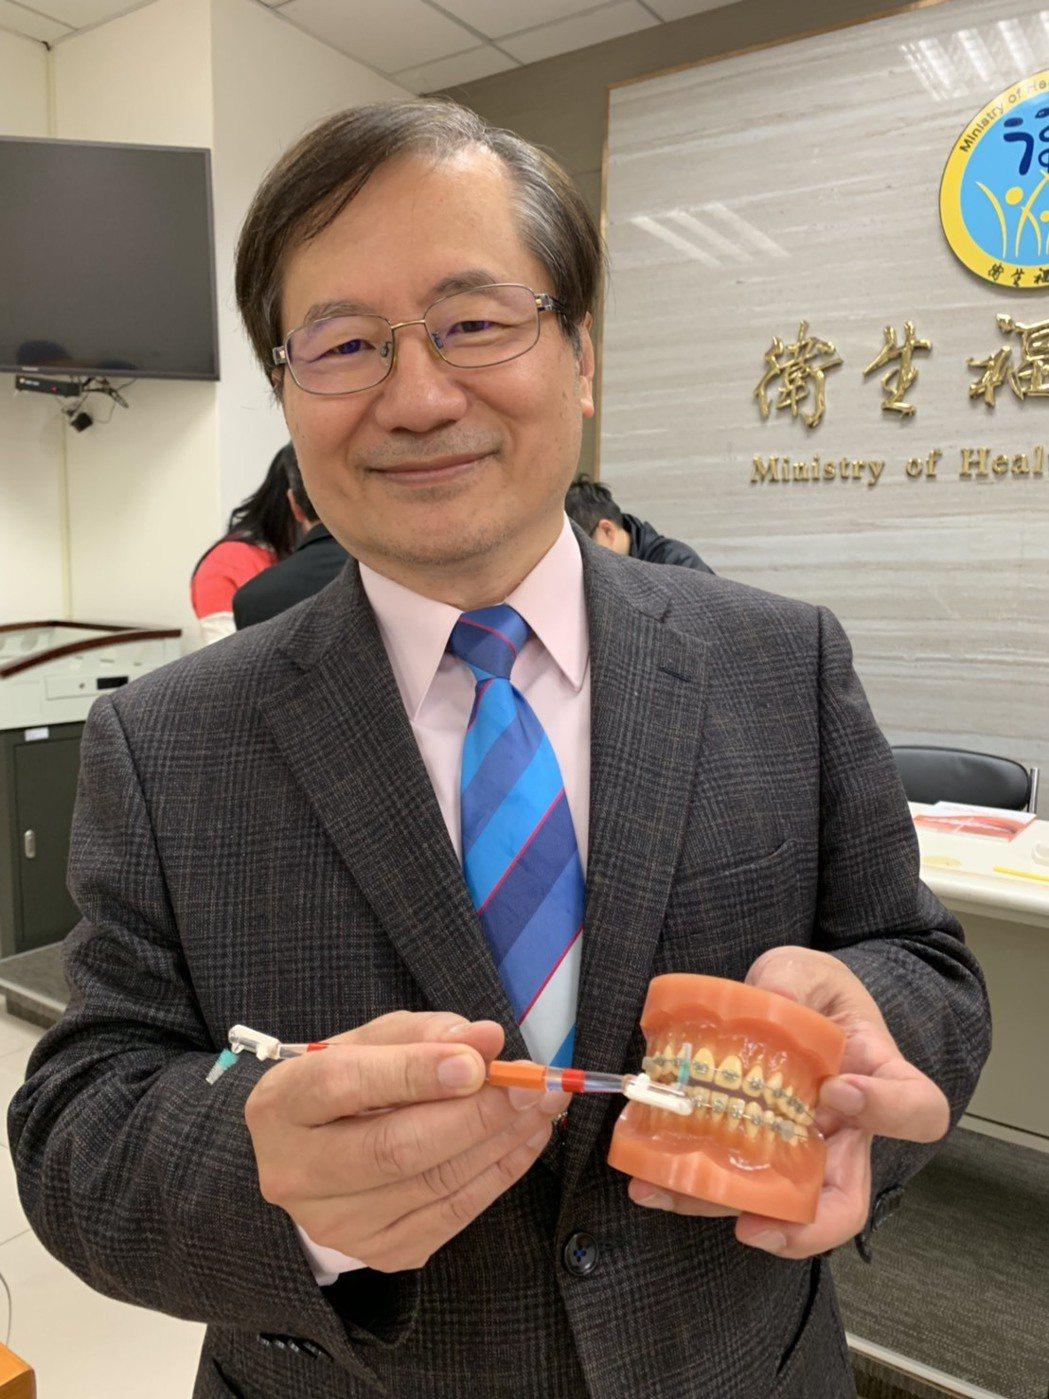 台北醫學大學口腔學院院長鄭信忠呼籲民眾要做好刷牙的習慣。記者陳雨鑫/攝影